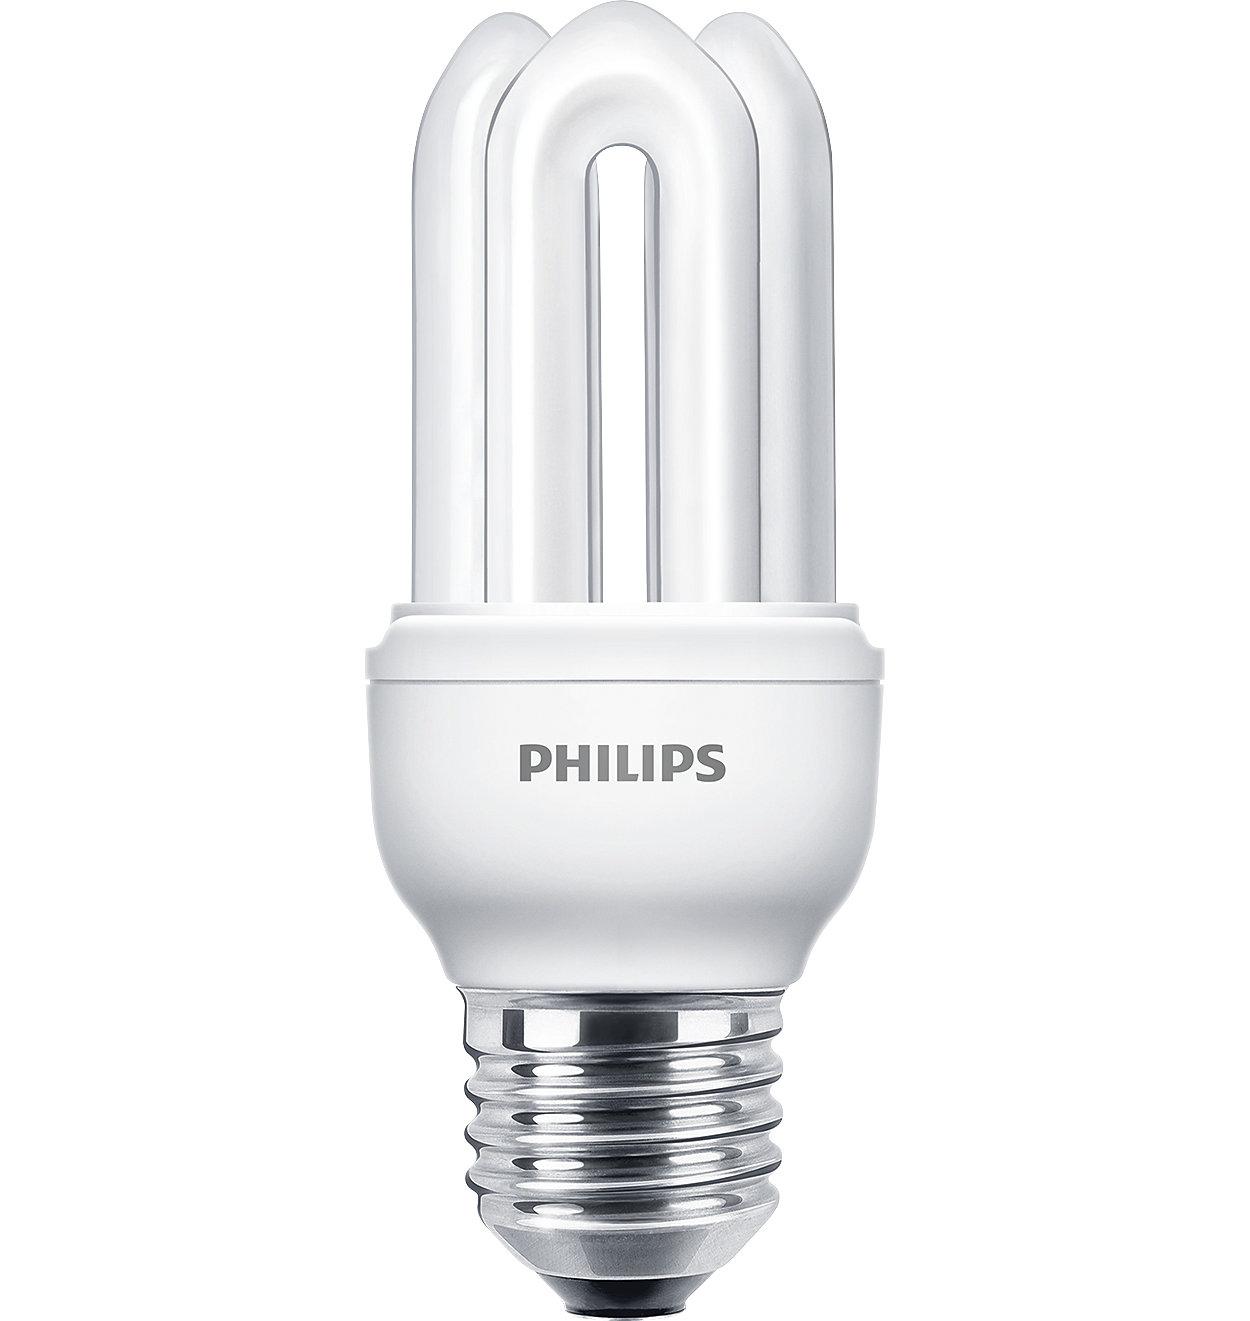 Małe i silne energooszczędne źródło, które daje światło wysokiej jakości.